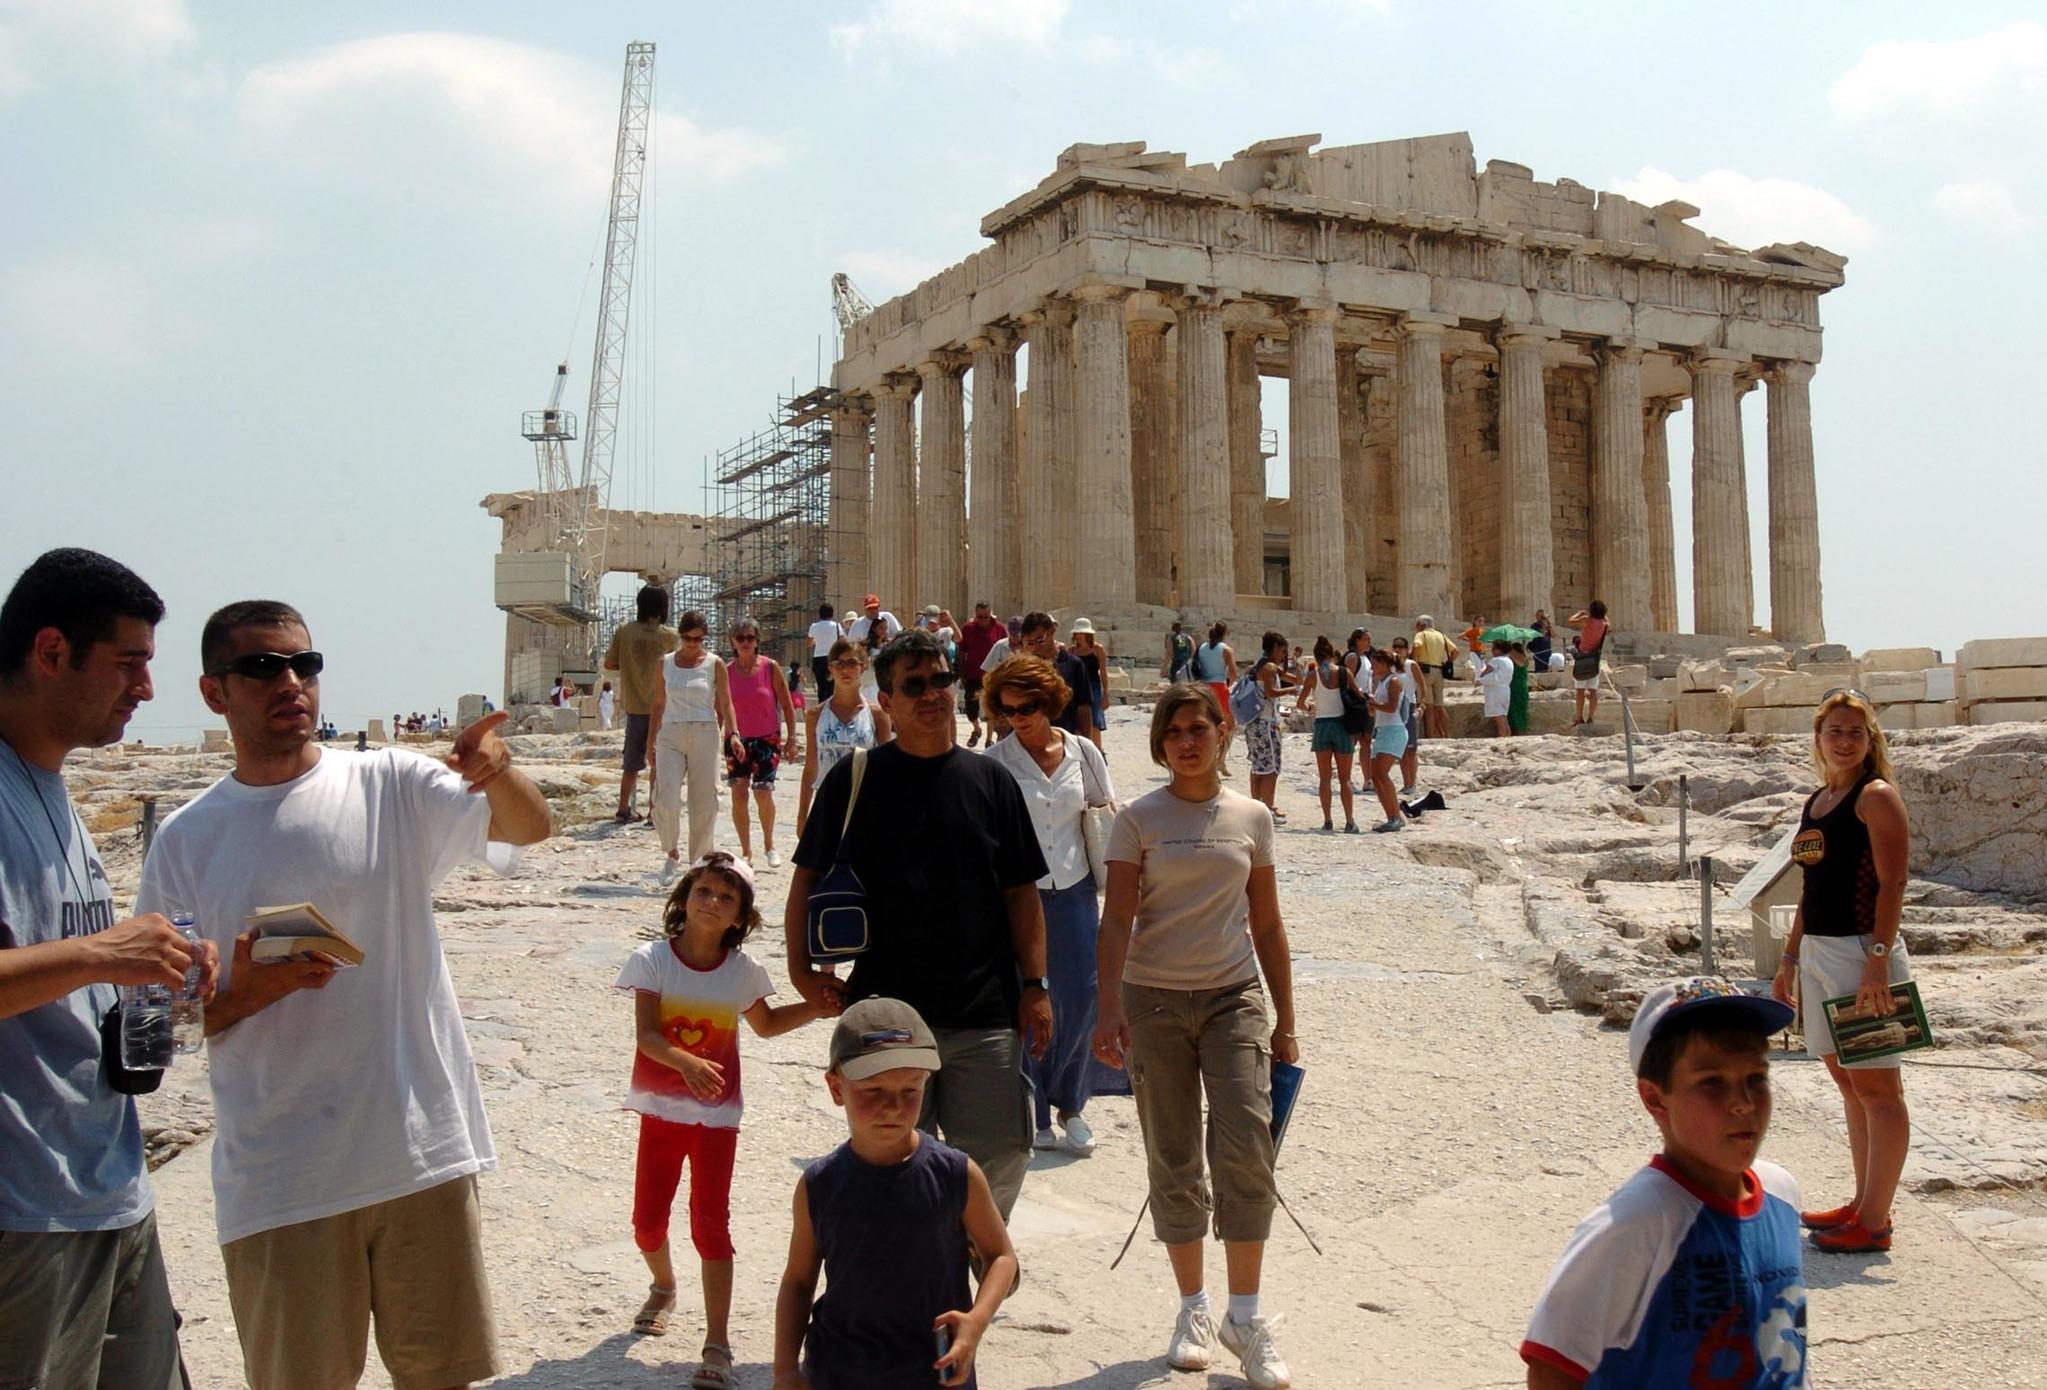 아테의 파로테논 신전. 수십년째 보수 공사를 하는 가운데도 많은 관광객들이 그리스 역사를 보기위해 찾아 온다. [중앙포토]